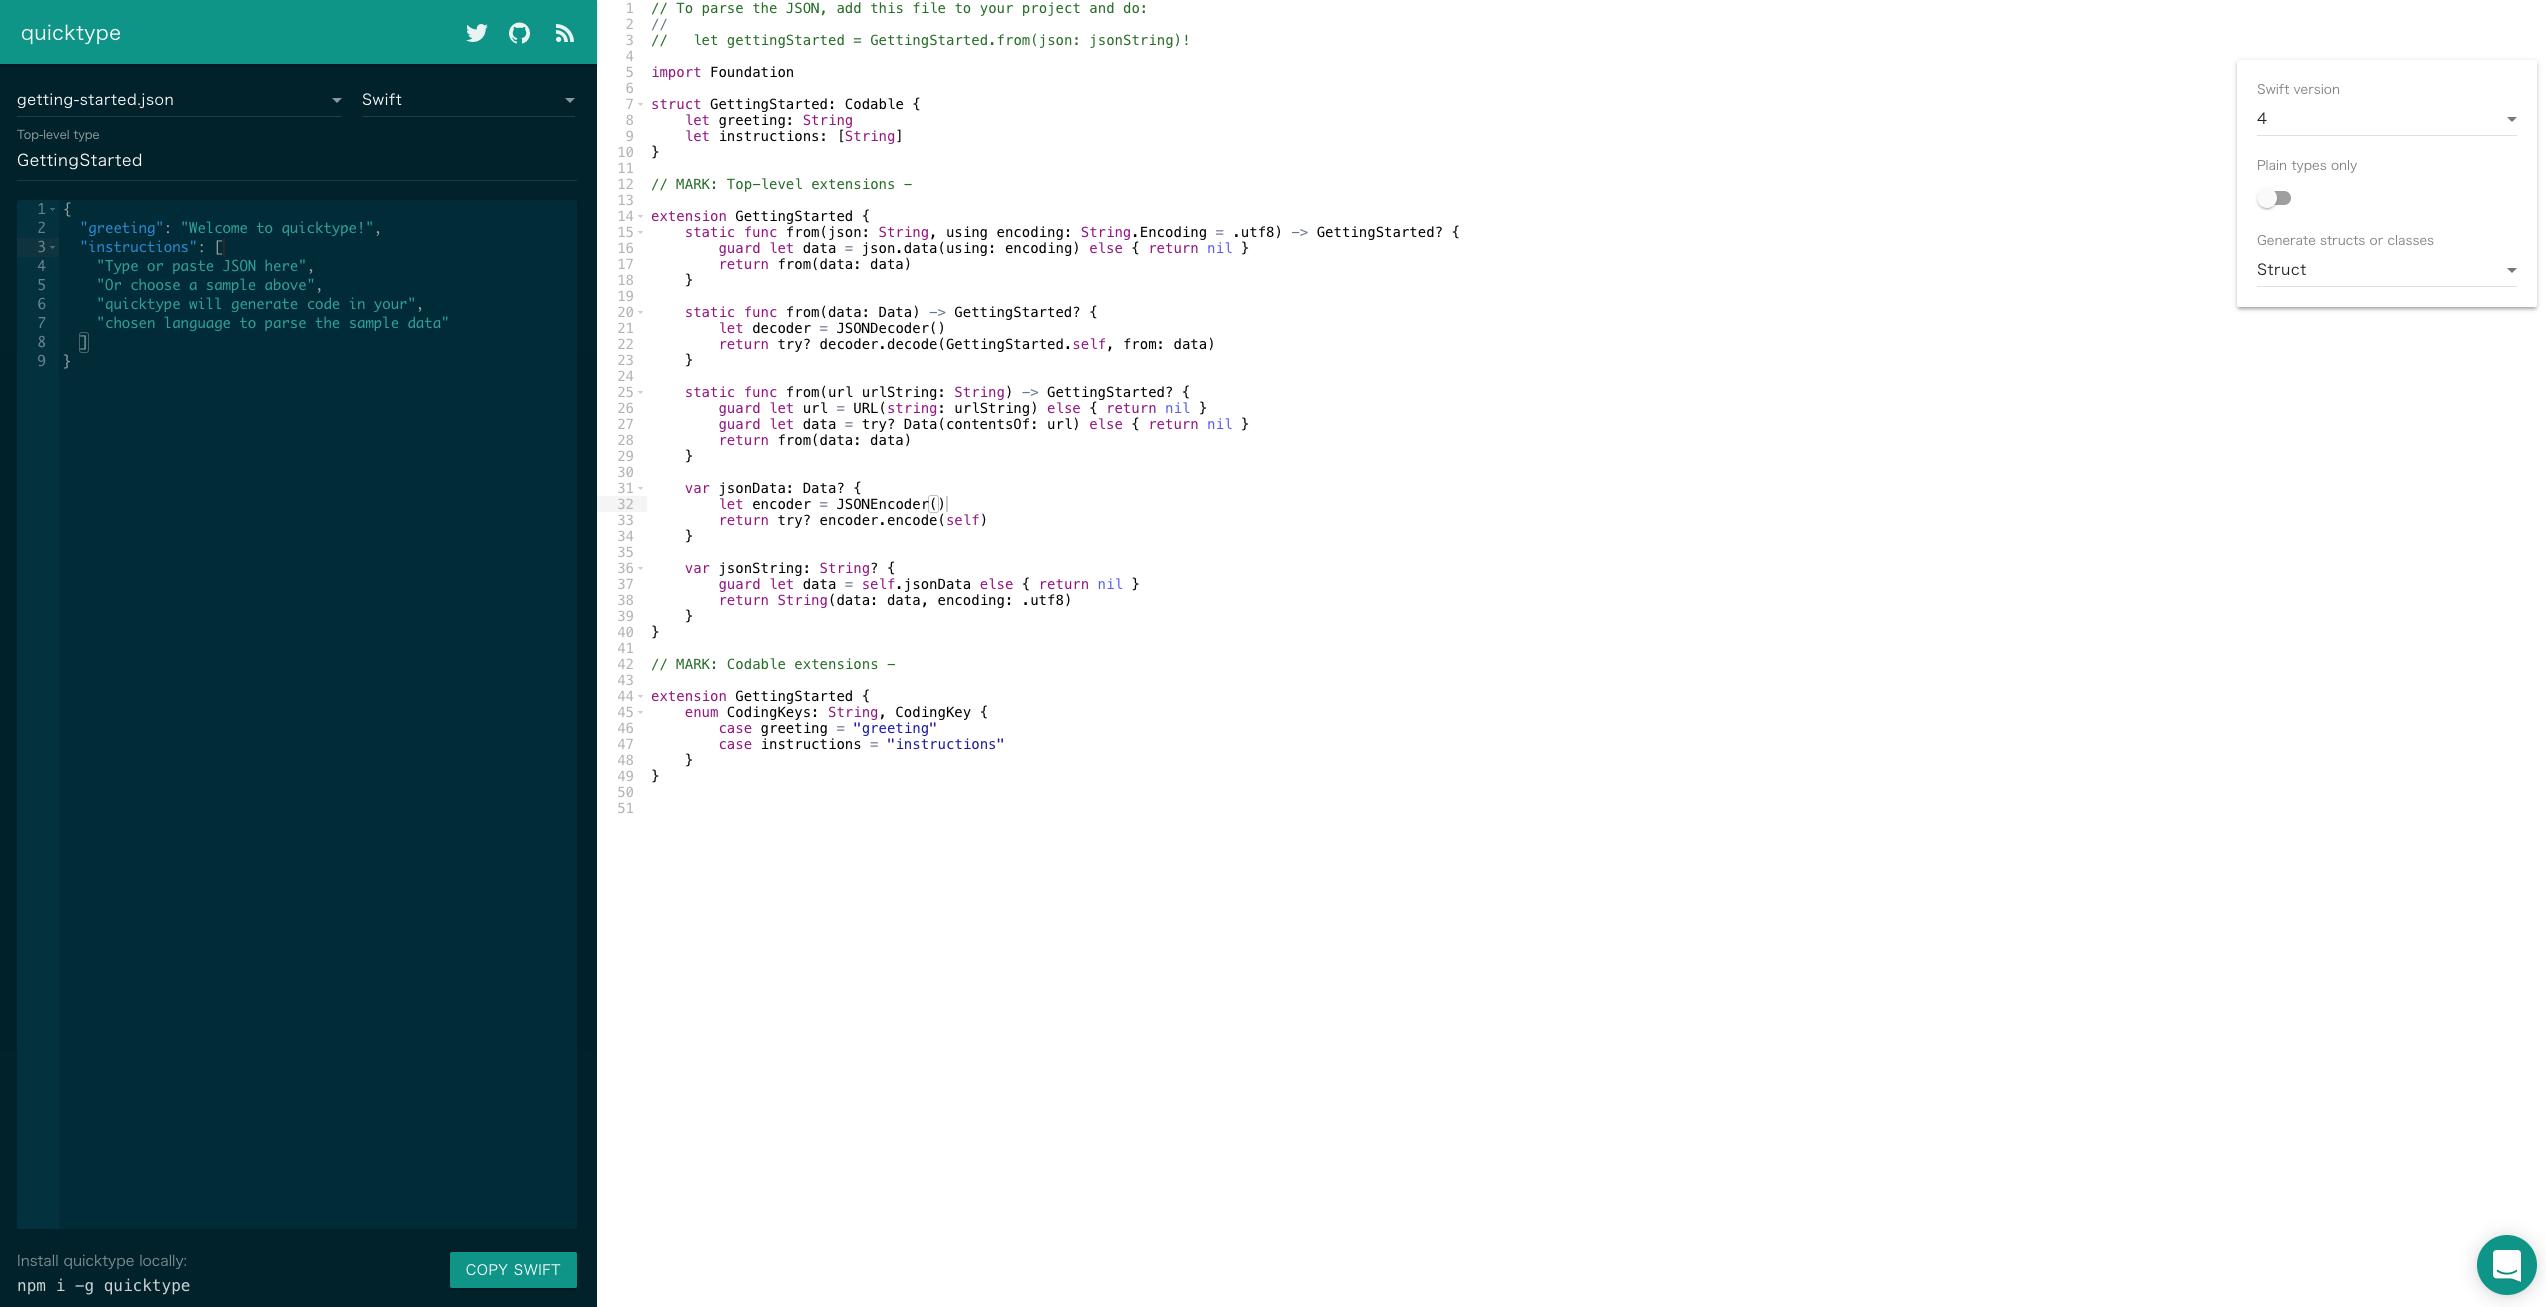 圧倒的捗り!!JSONデータからモデルを自動生成してくれる